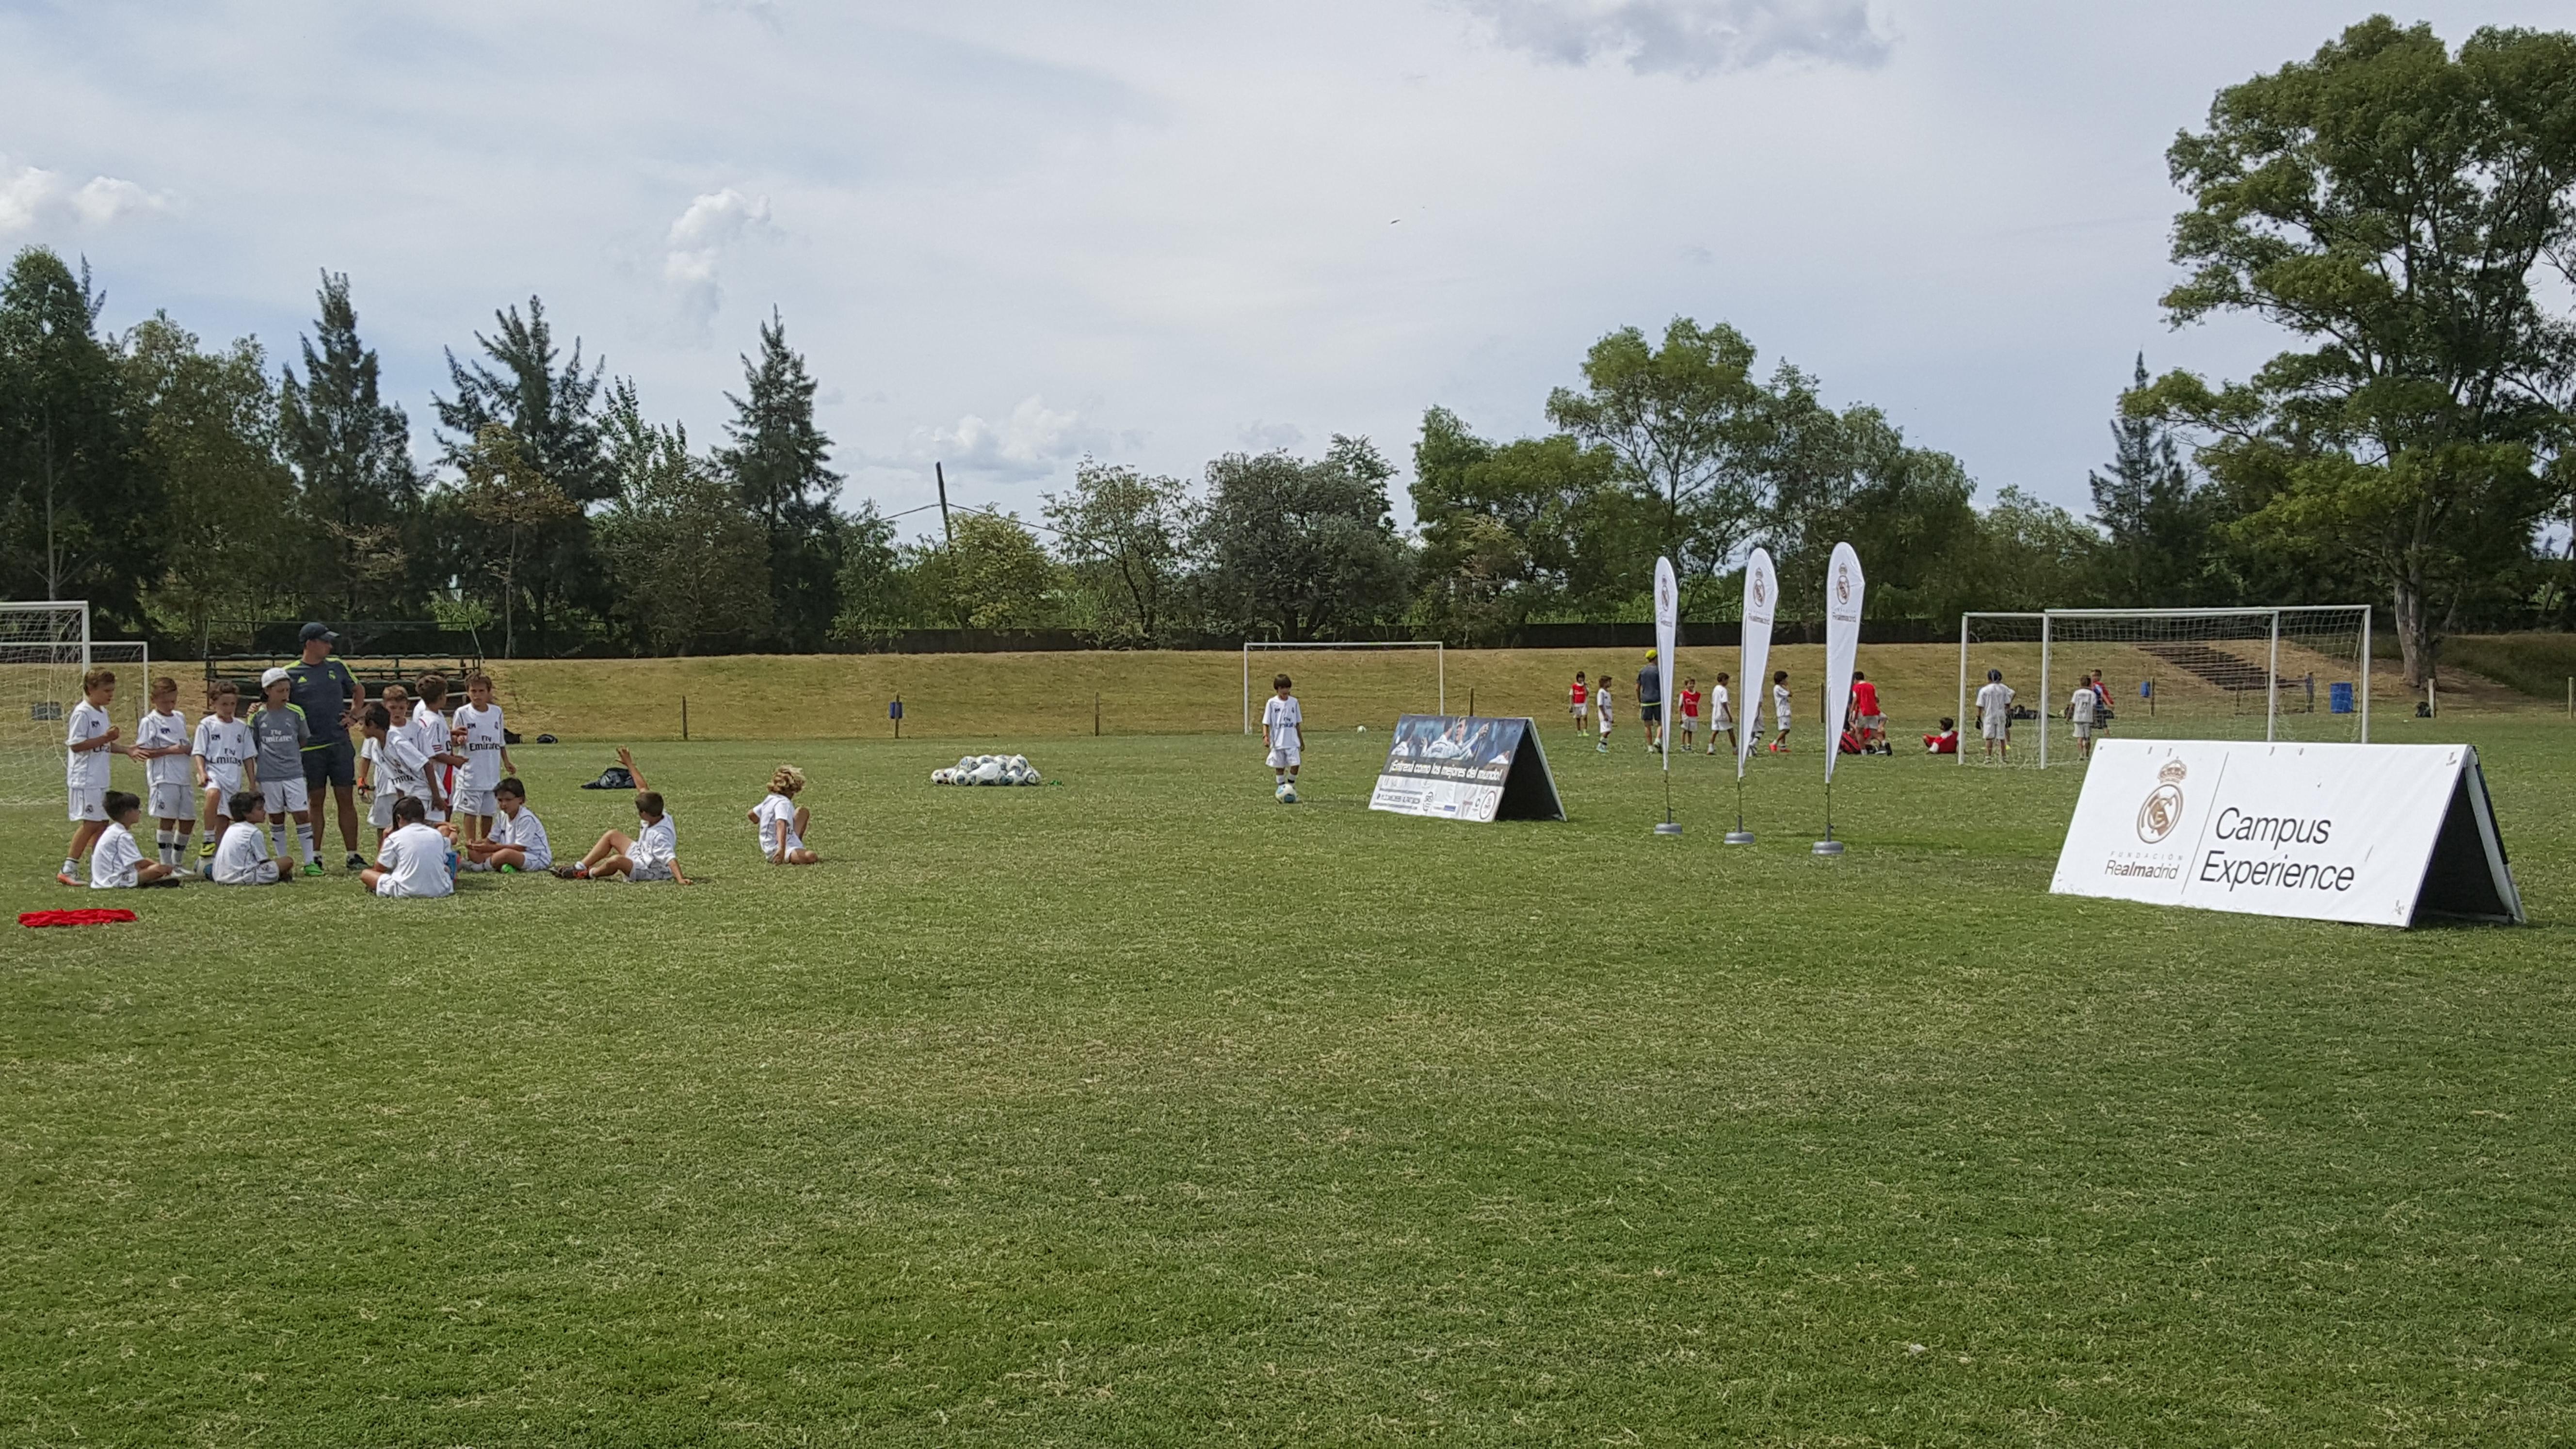 La Fundación Real Madrid se instaló en Buenos Aires con el Campus Experience. El mismo lleva 6 años recorriendo el mundo entero, aunque es la segunda vez que pisa suelo argentino.